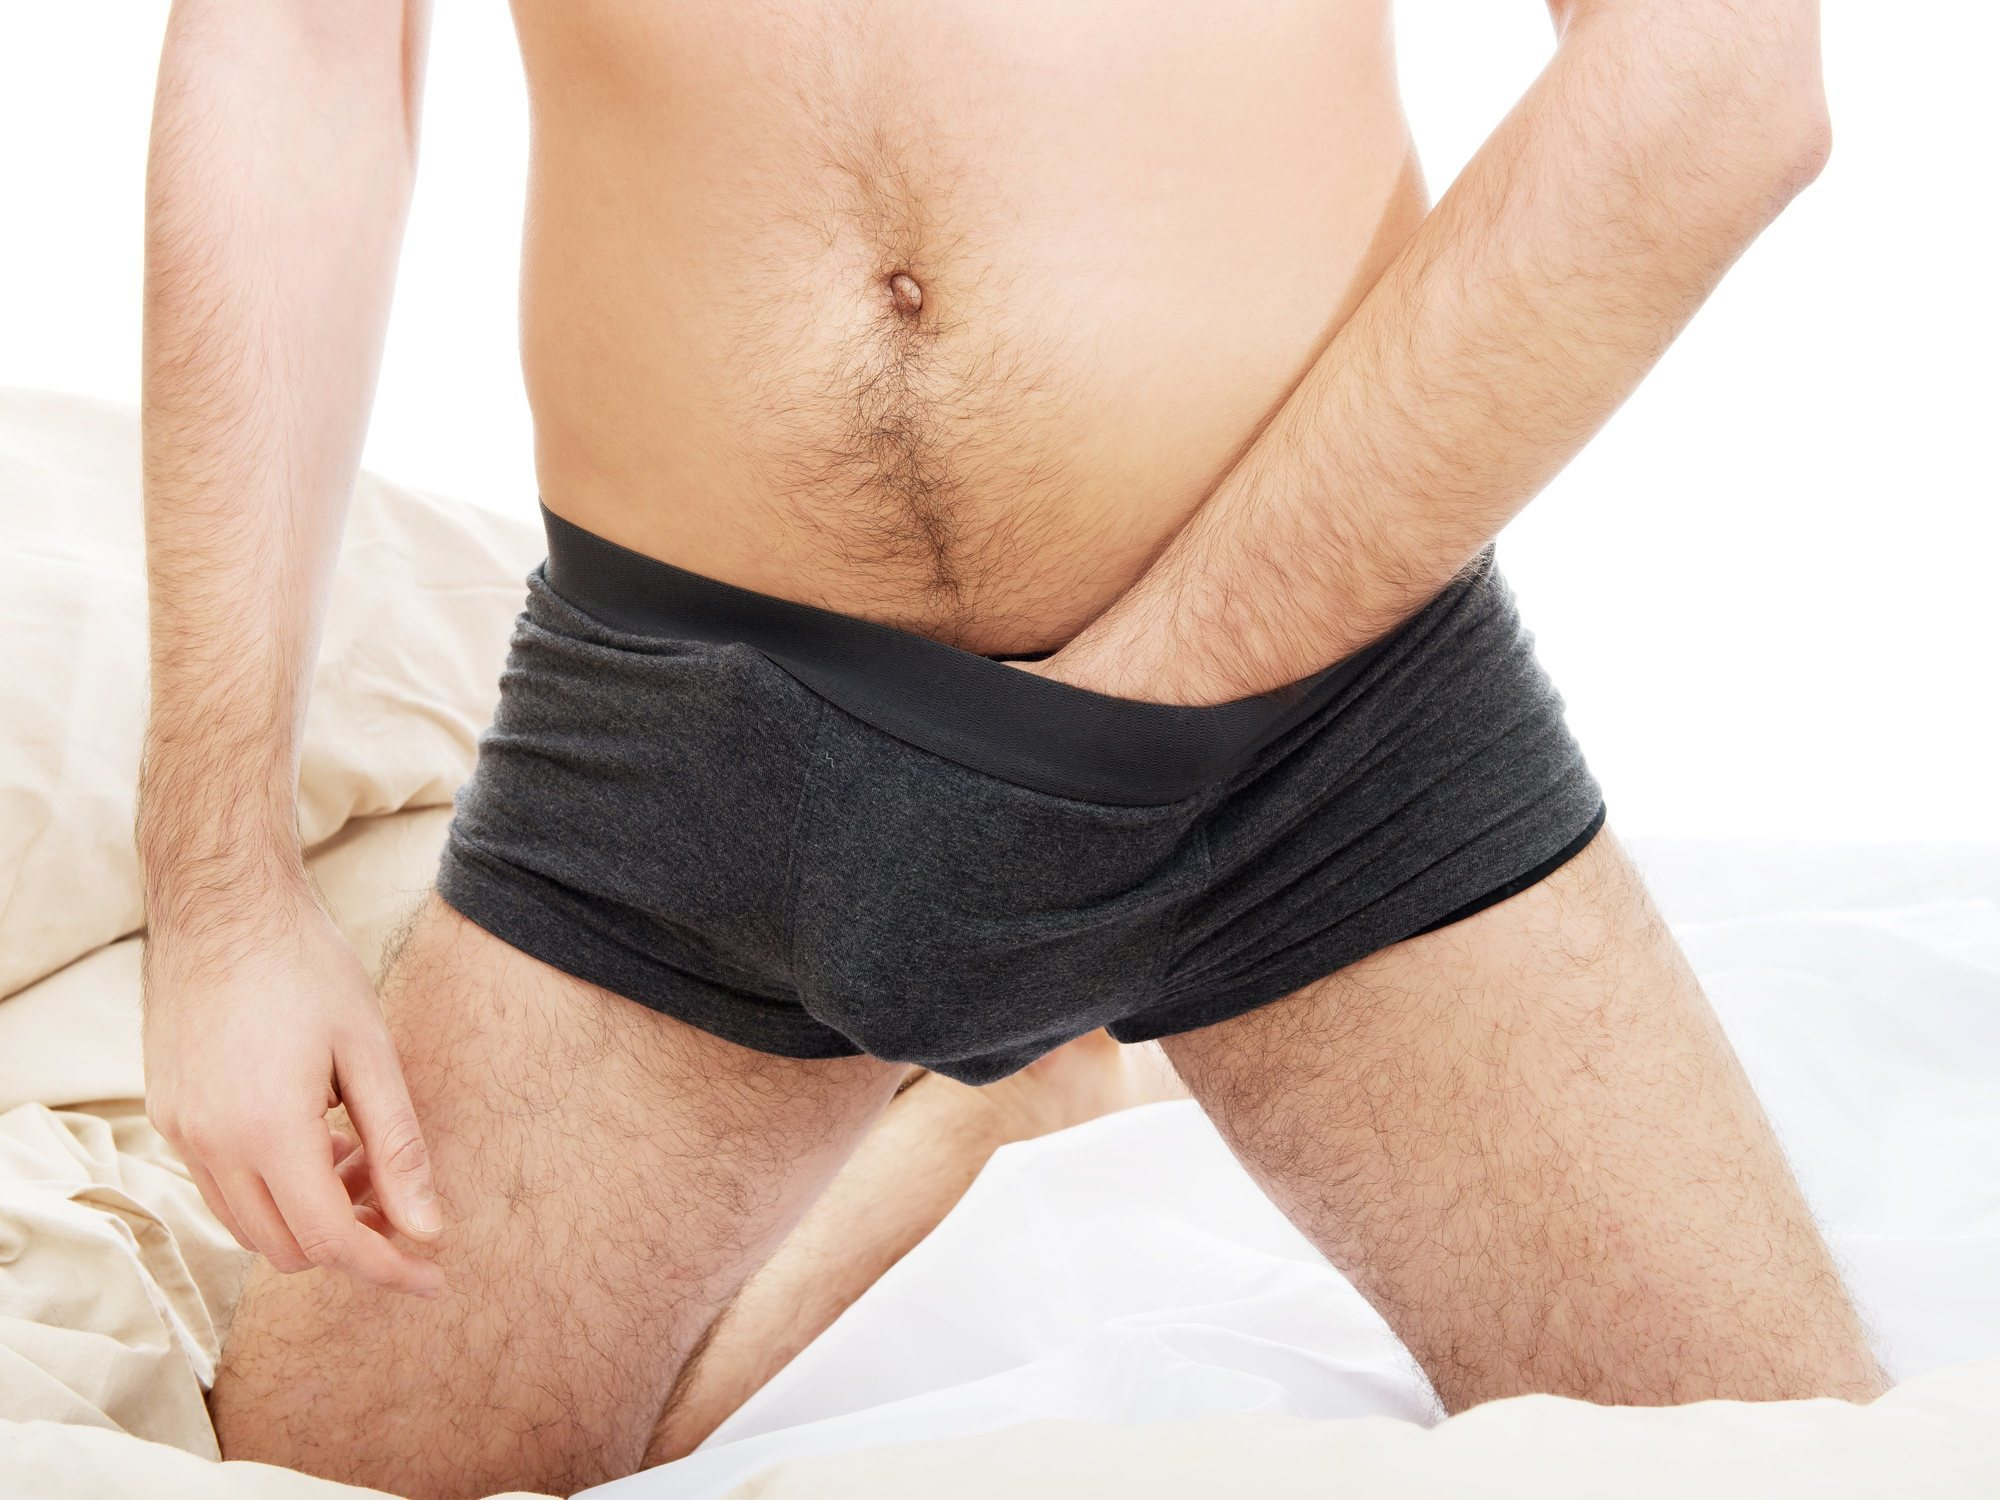 Reclaman a Sanidad que se recete la masturbación como medida antiestrés